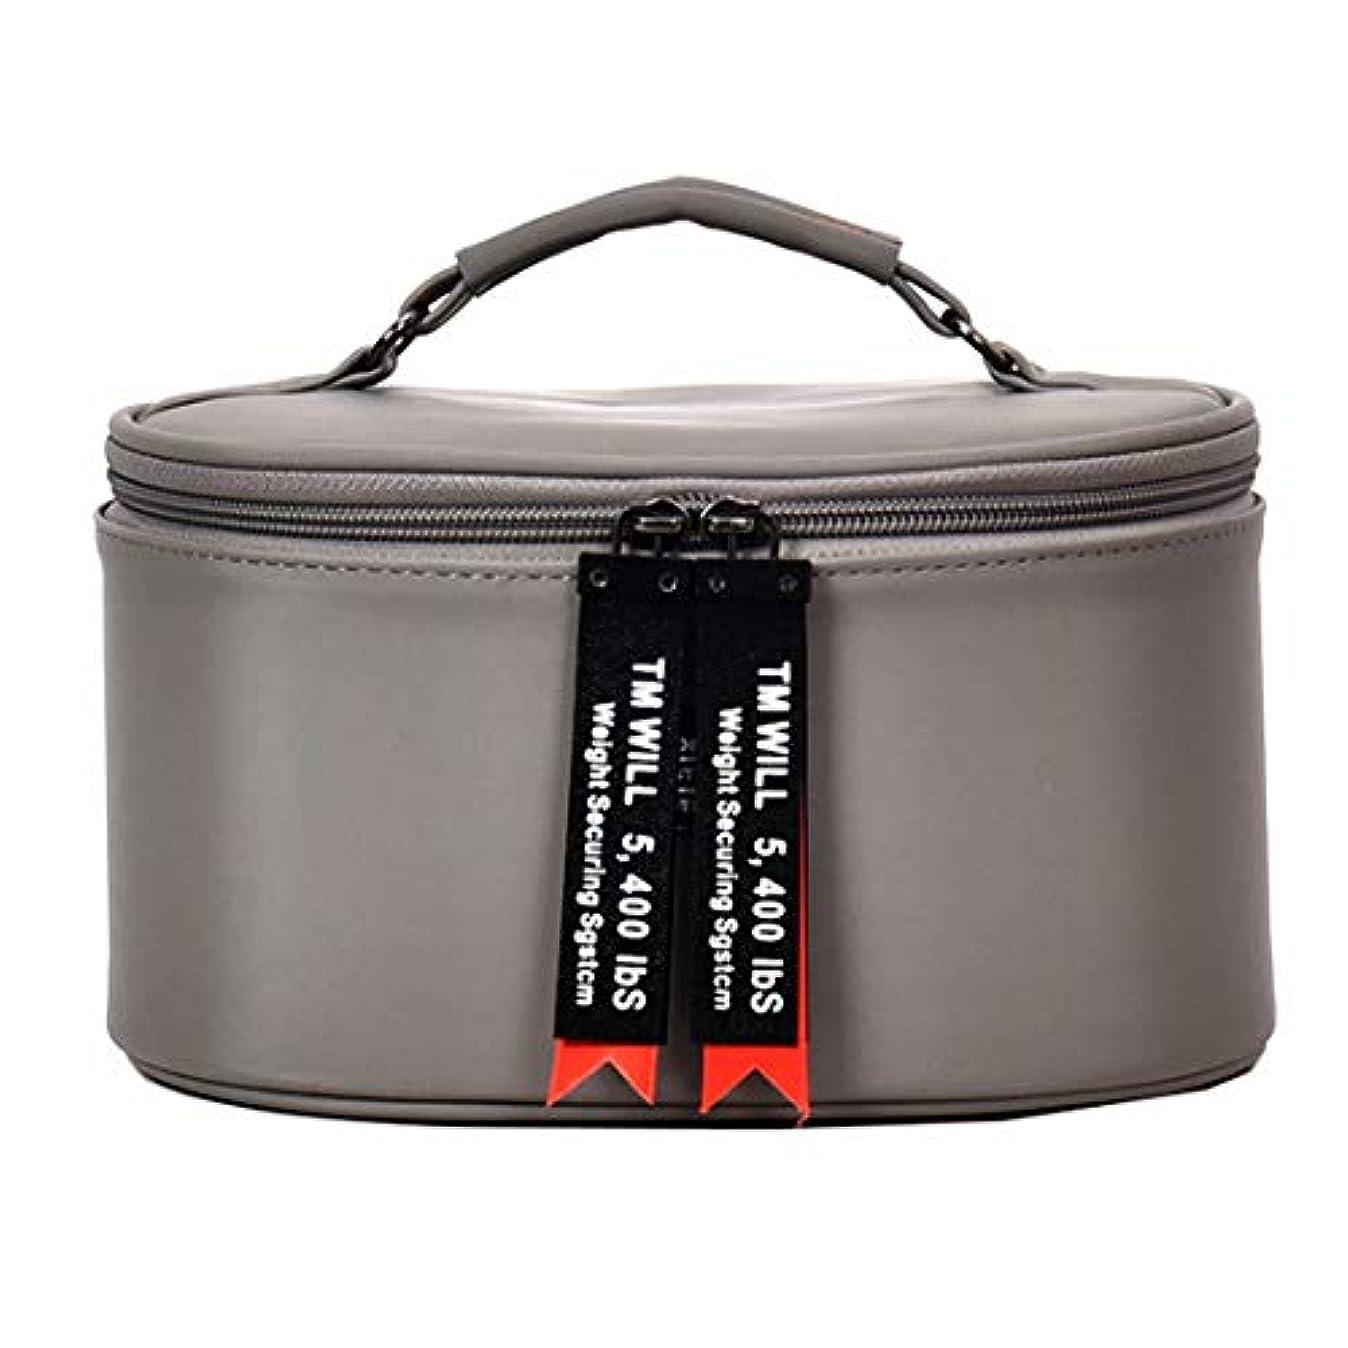 パースブラックボロウ物質番号[テンカ] メイクボックス コスメボックス 大容量 おしゃれ かわいい 化粧品収納ボックス ブランド 人気 プロ 化粧ボックス 小物入れ 化粧道具 機能的 メイクポーチ 旅行 コスメケース 女性 グレー